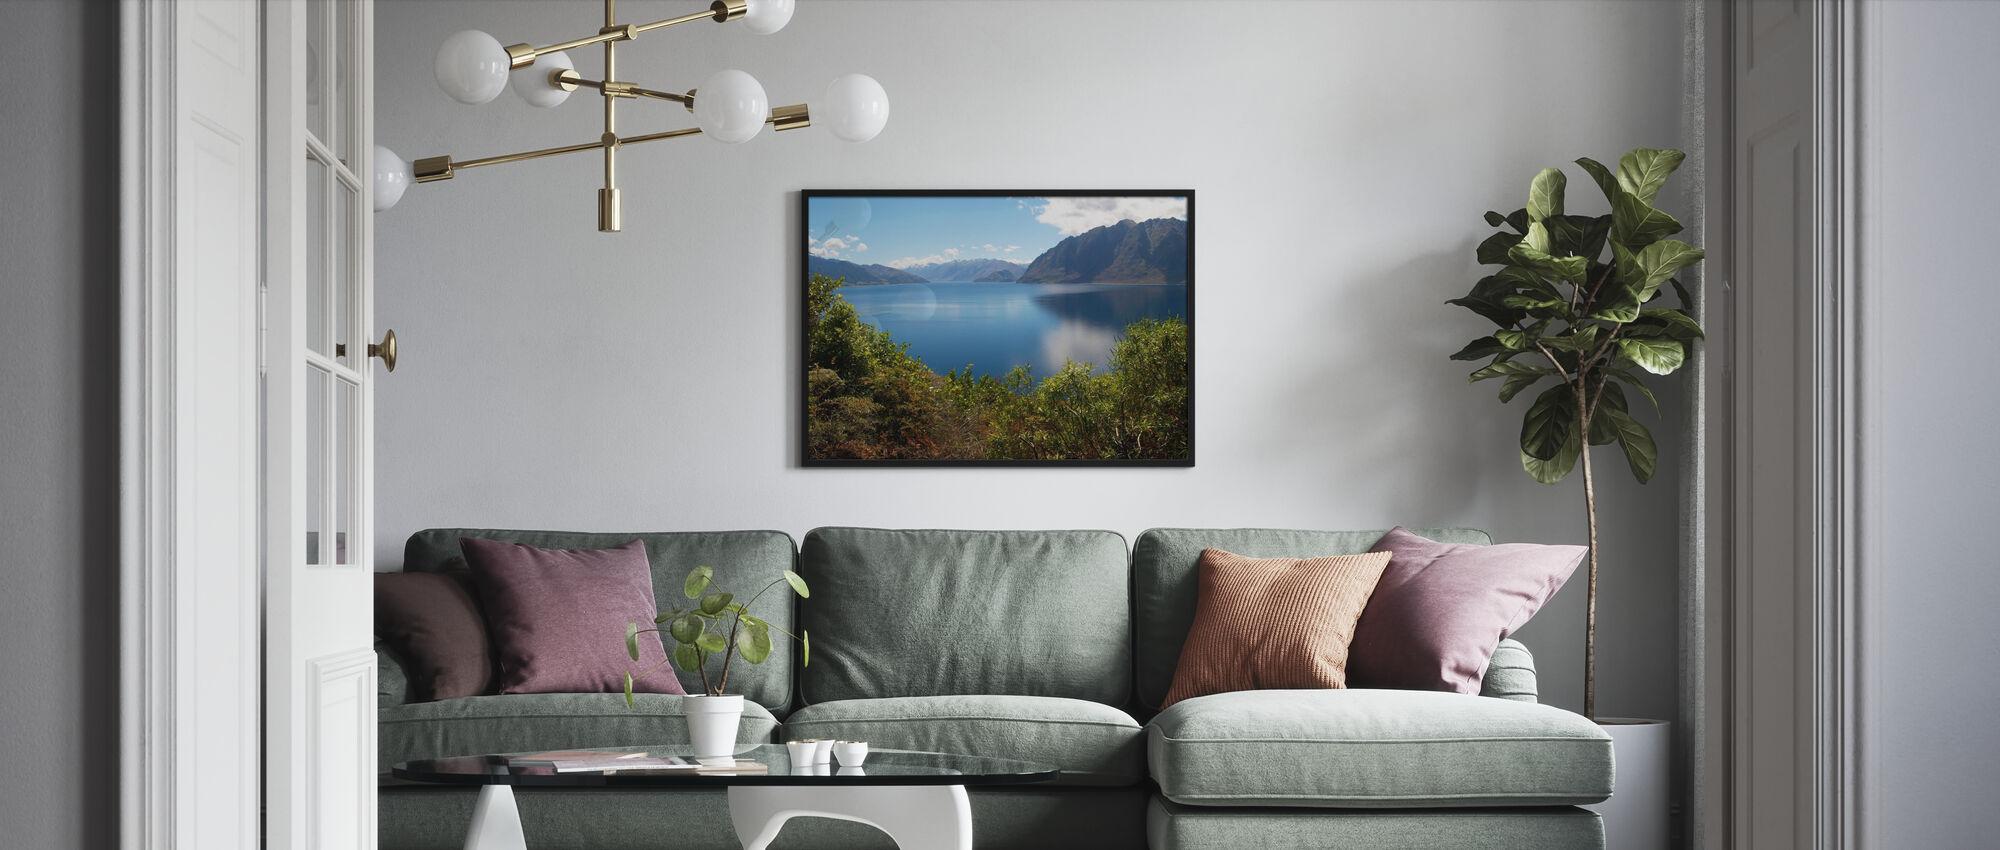 Nz-järvi - Kehystetty kuva - Olohuone